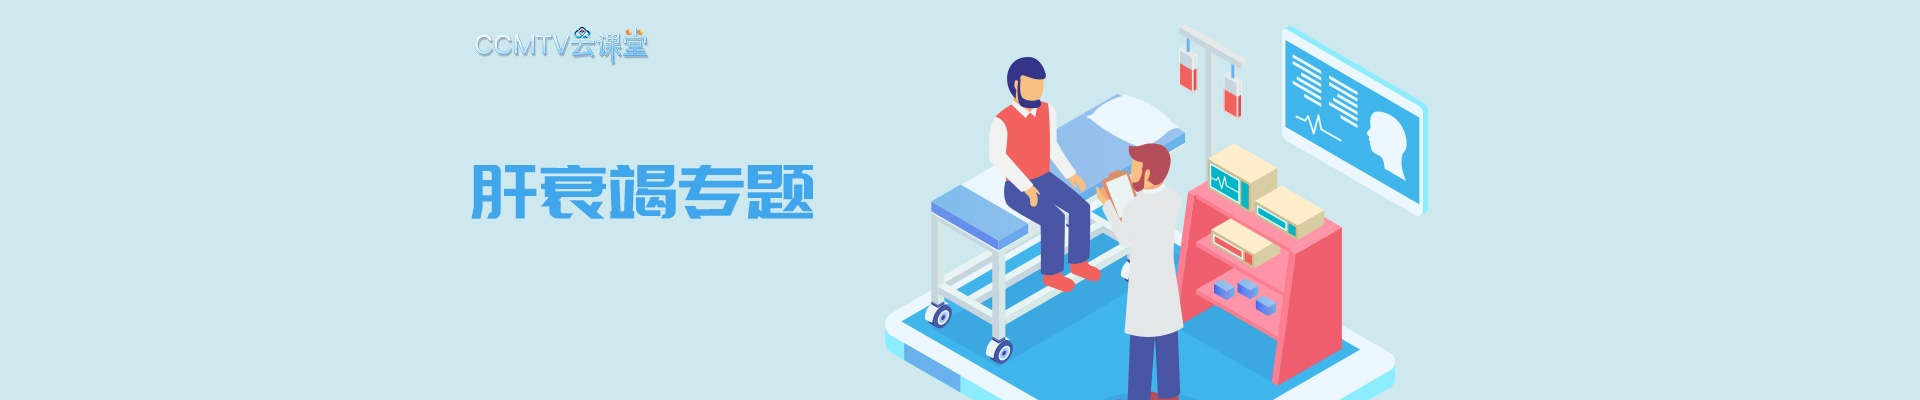 肝衰竭专题